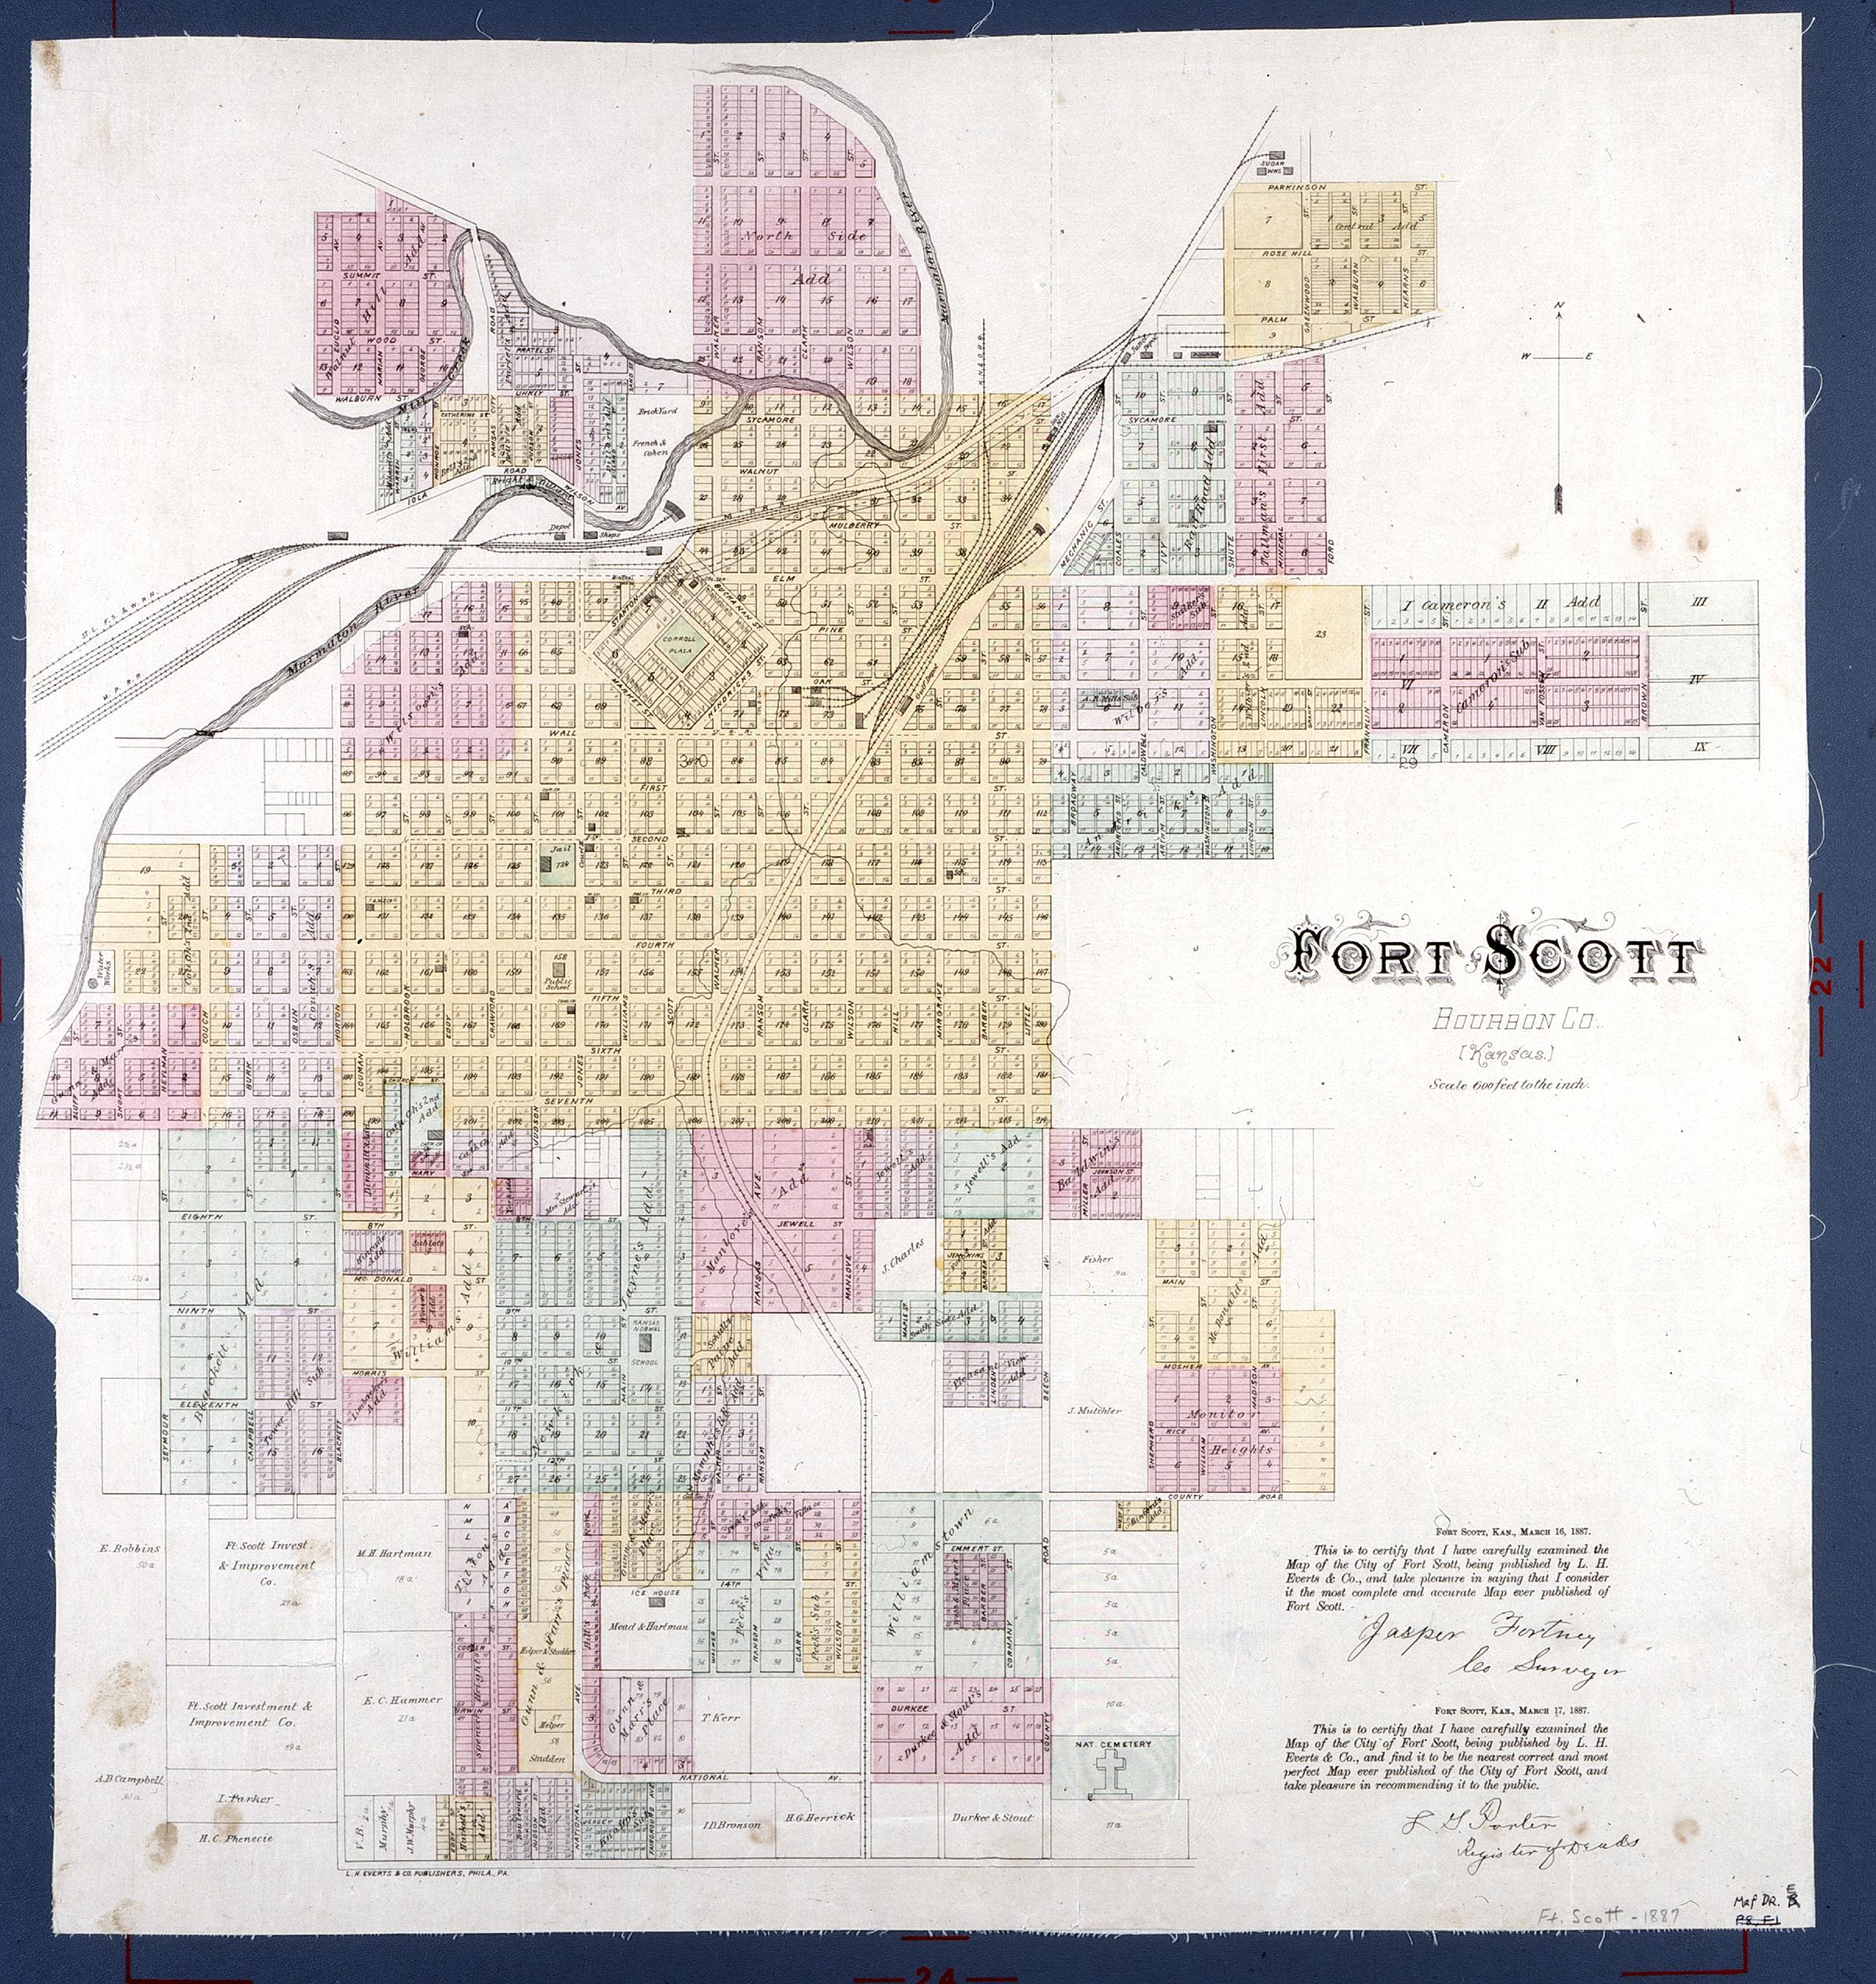 Map of Fort Scott, Kansas